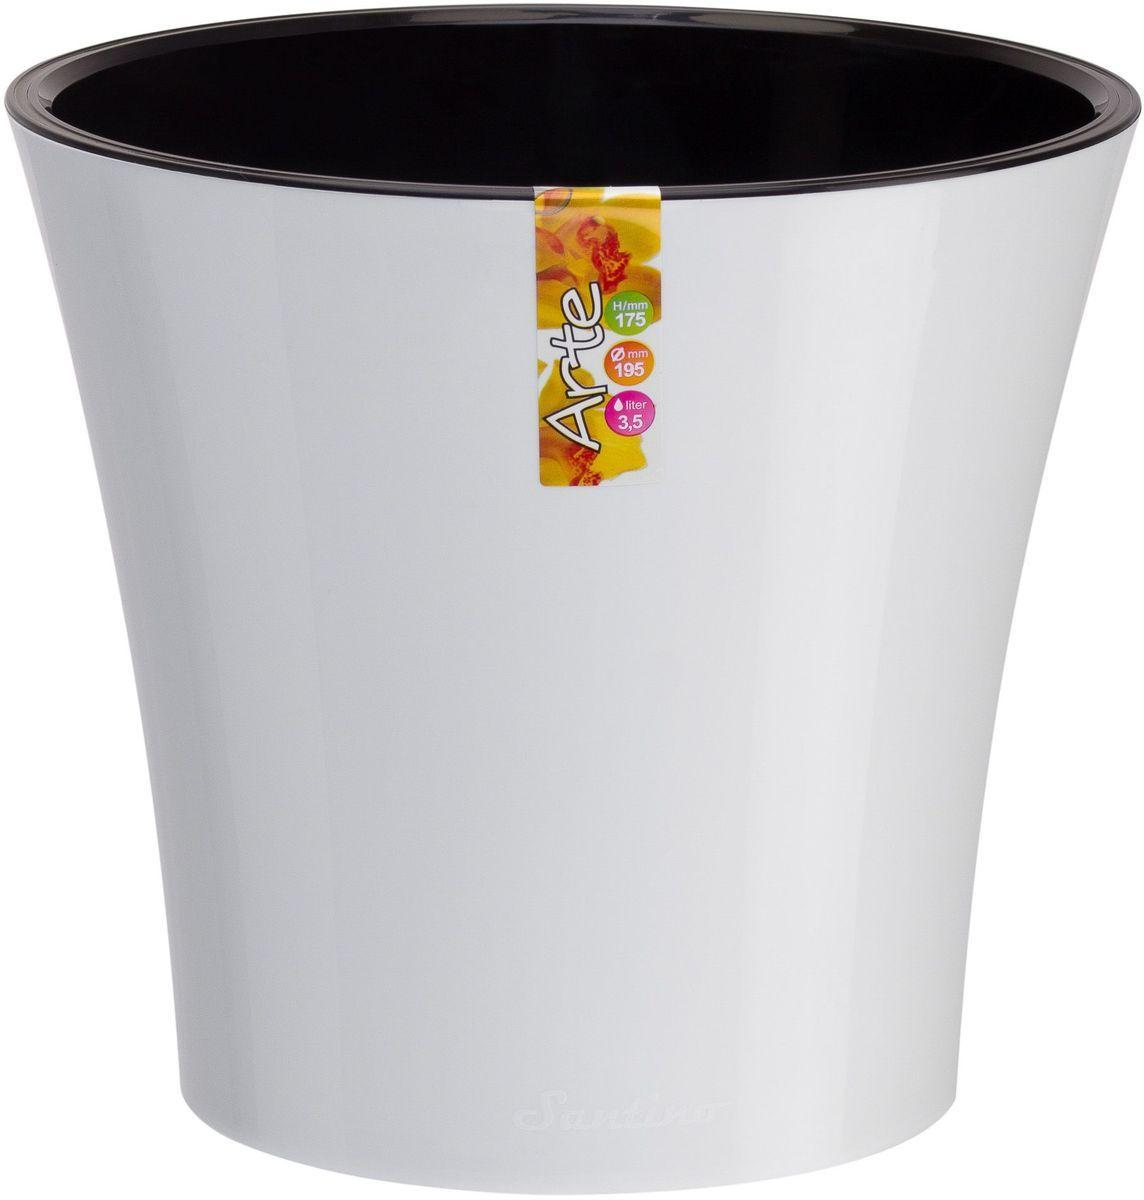 Горшок цветочный Santino Арте, двойной, с системой автополива, цвет: белый, черный, 3,5 лАРТ 3,5 Б-ЧСистем автополива - гарантия здоровья ваших цветов. Экономия времени - решение для самых занятых. Чистота и удобство - нет протекания воды при поливе. Здоровые корини - нет застаивания корней в воде. Оптимальный рост - корни обеспечены циркуляцией воздуха.